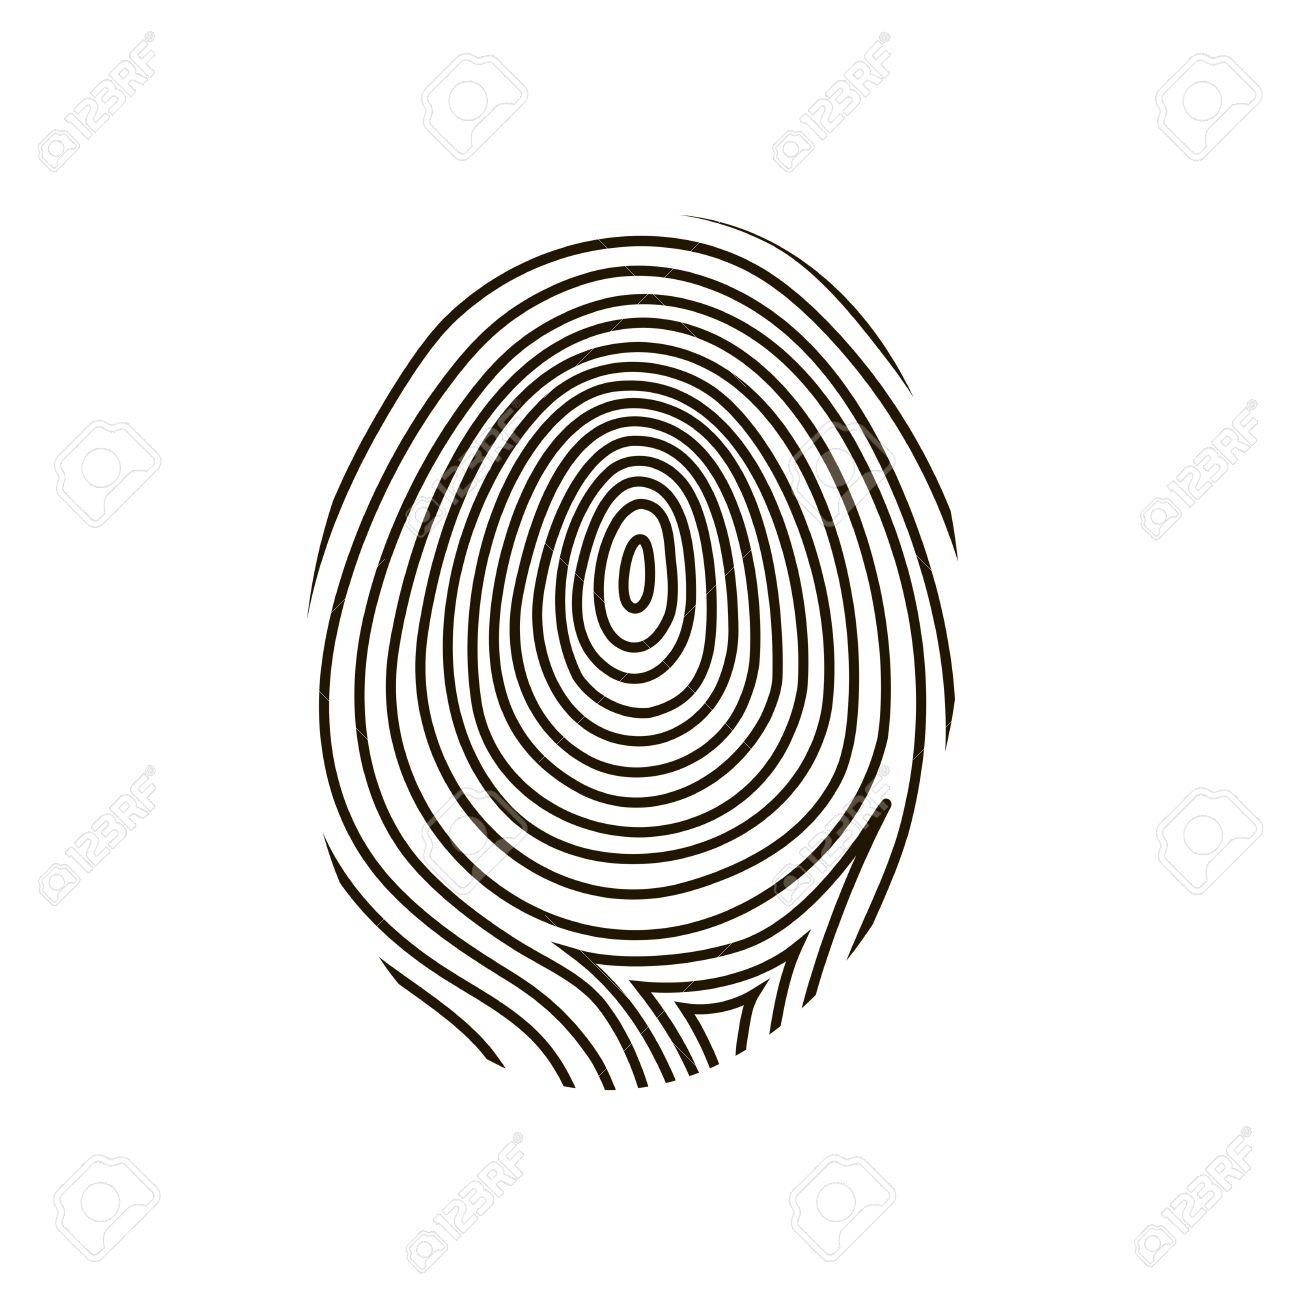 Schwarze Zeichnung Vektor Fingerabdruck Auf Weißem Hintergrund ...